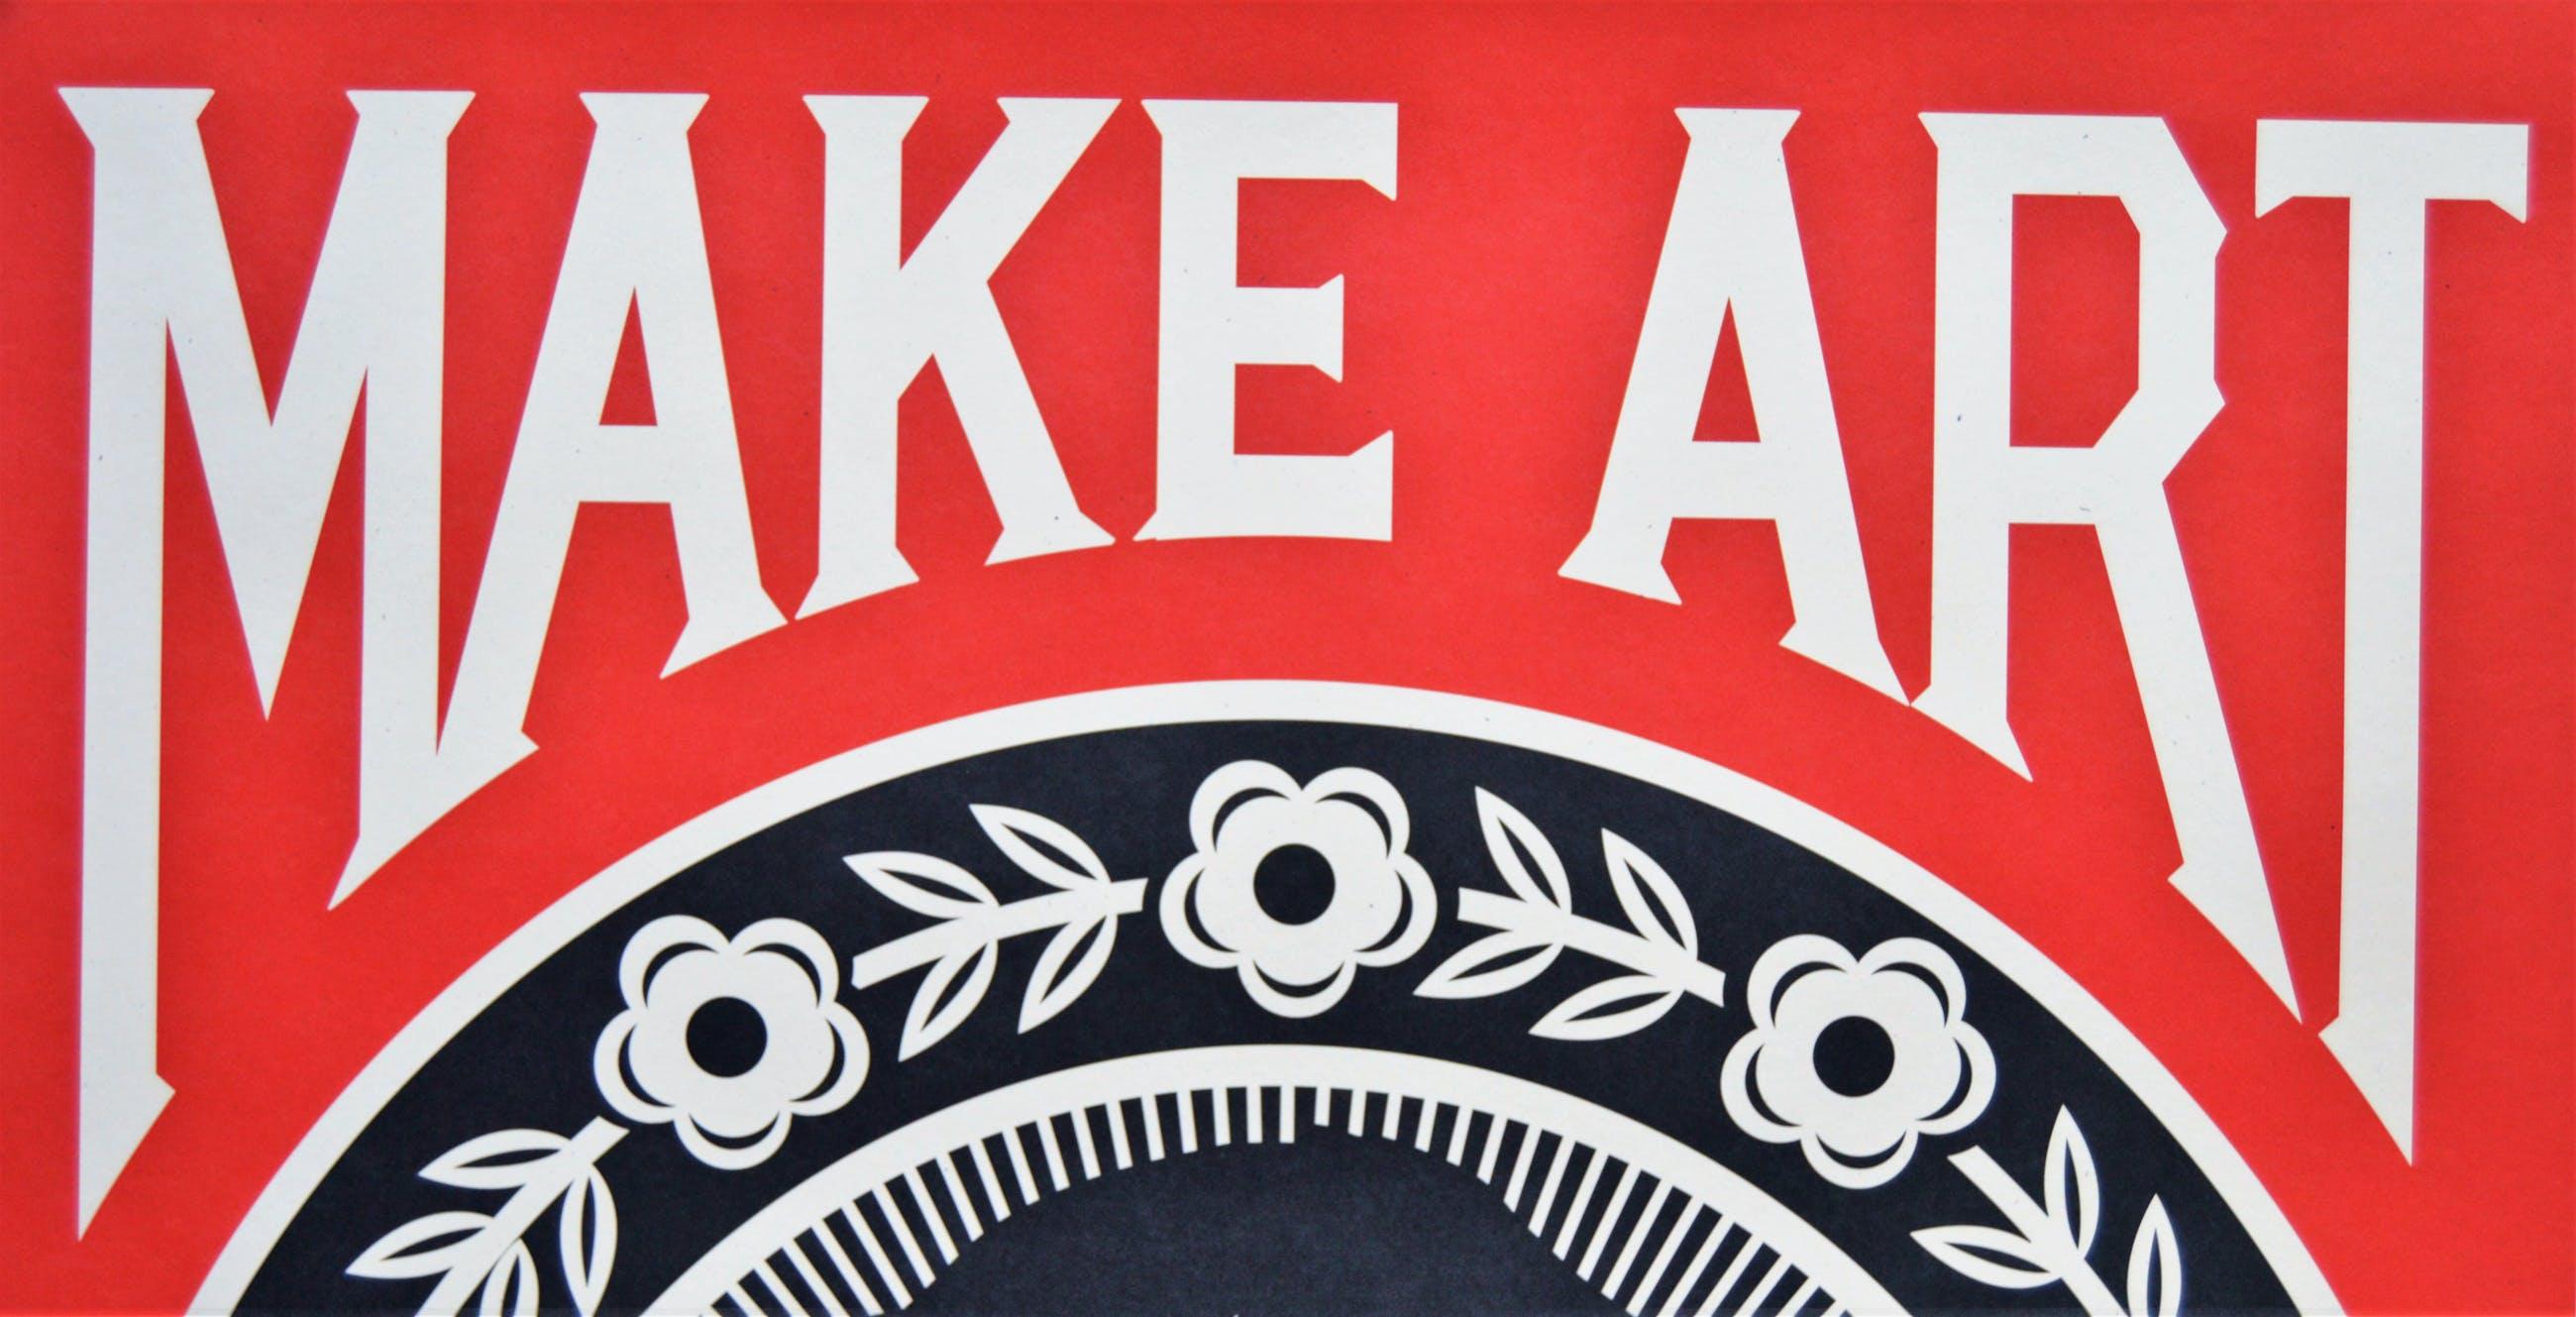 Shepard Fairey - MAKE ART NOT WAR - gesigneerd kopen? Bied vanaf 85!